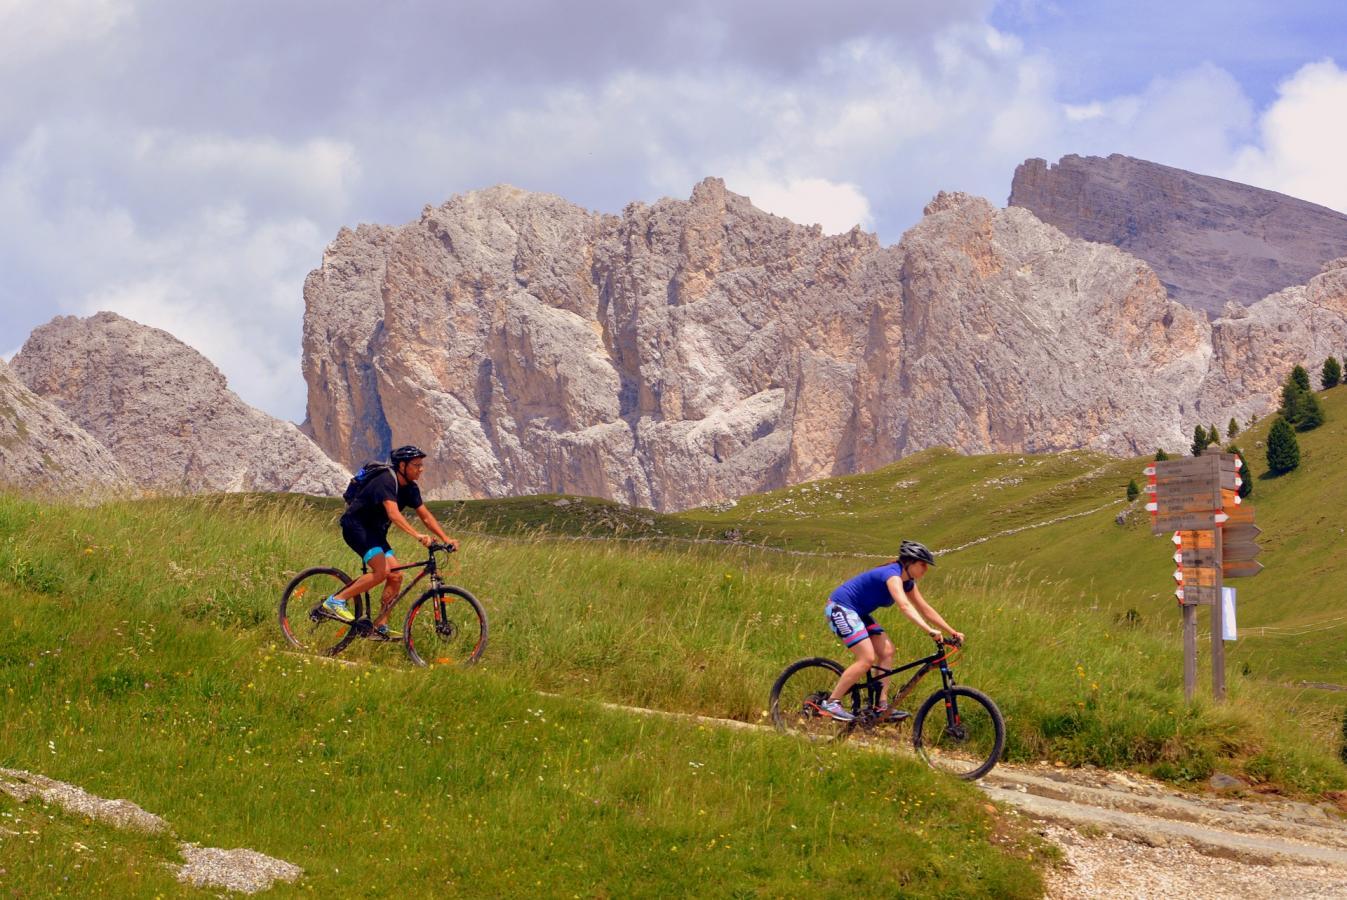 A l'assaut des montagnes en vélo !